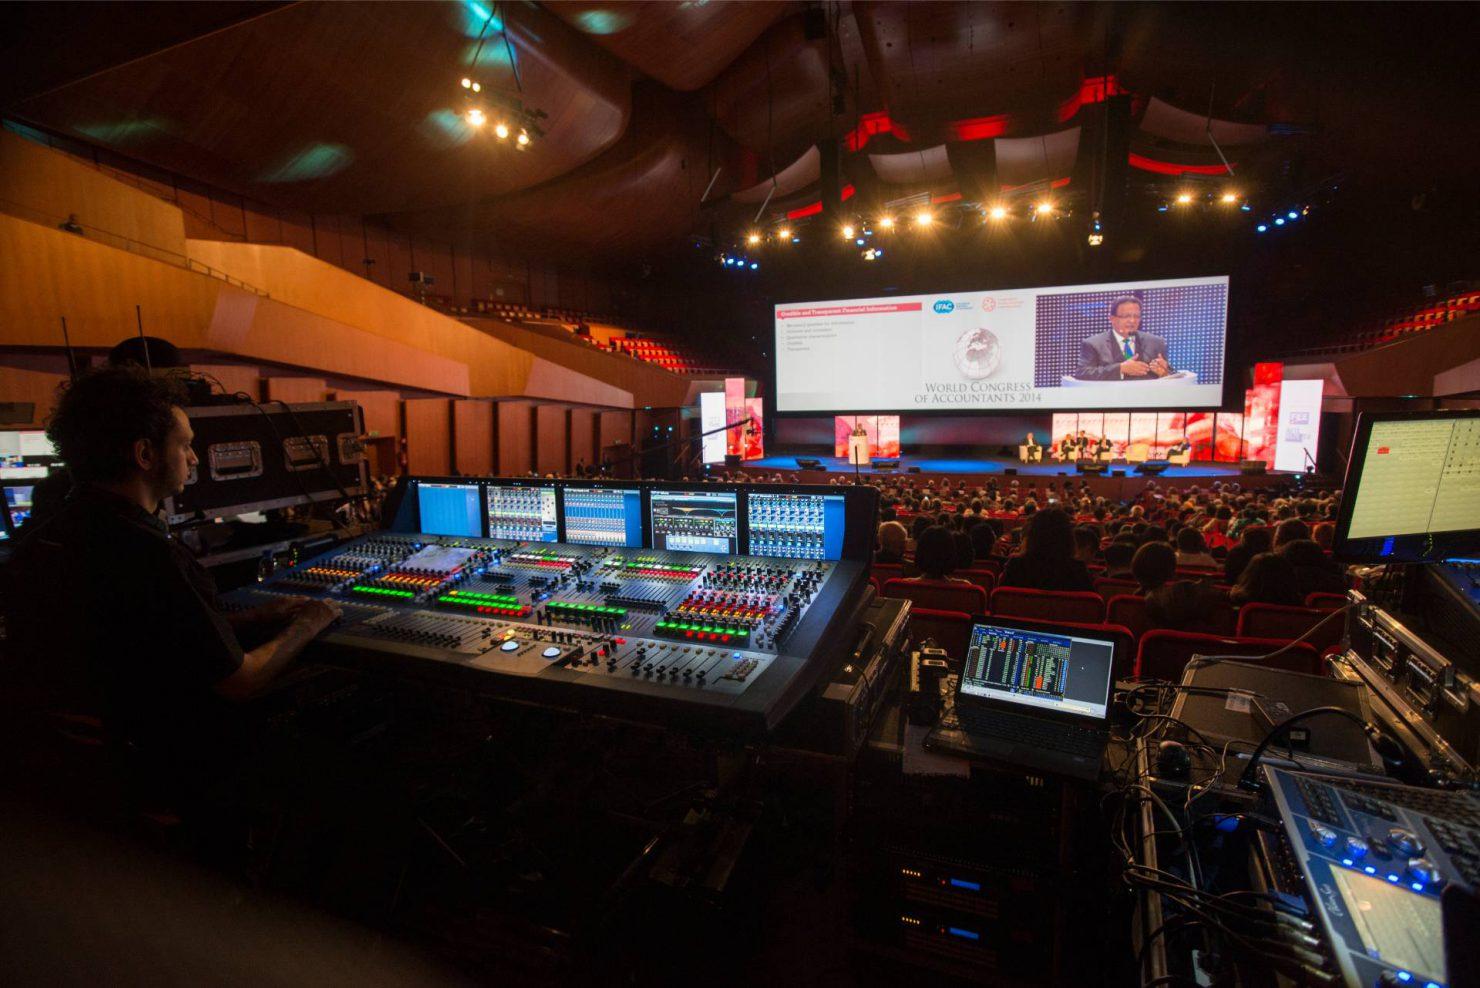 Professionisti audio e video alla console durante il congresso mondiale dei contabili